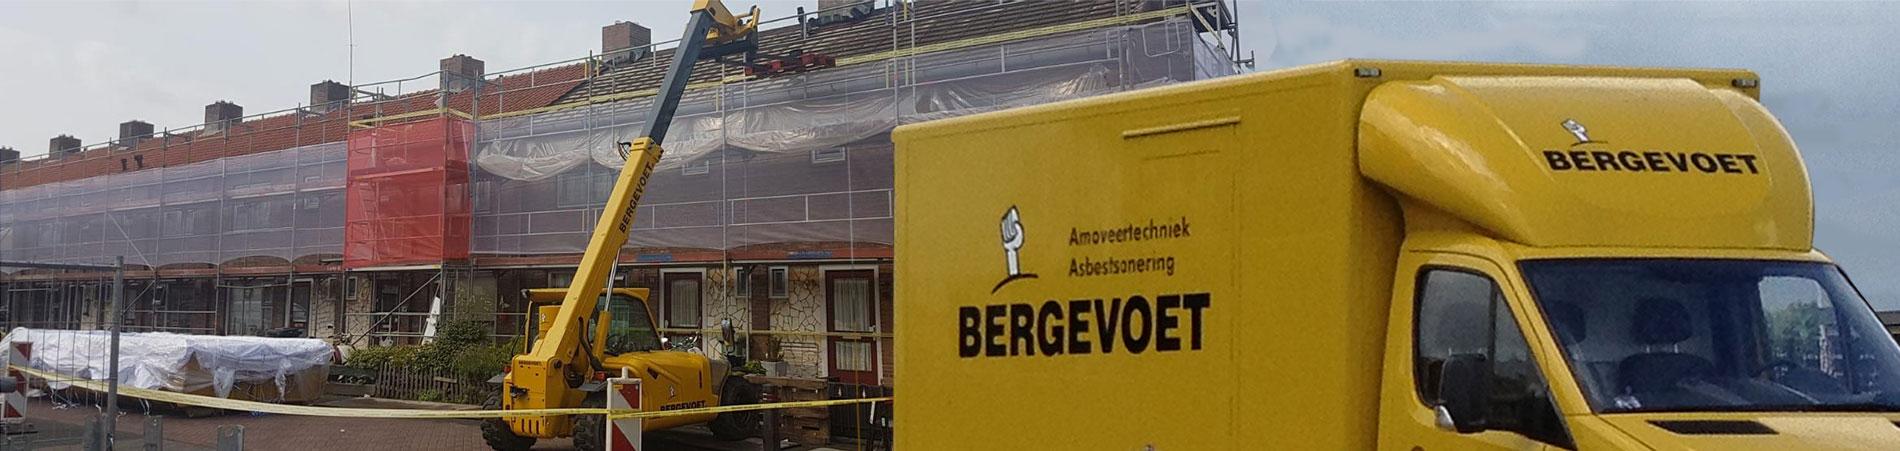 asbest saneren gelderland